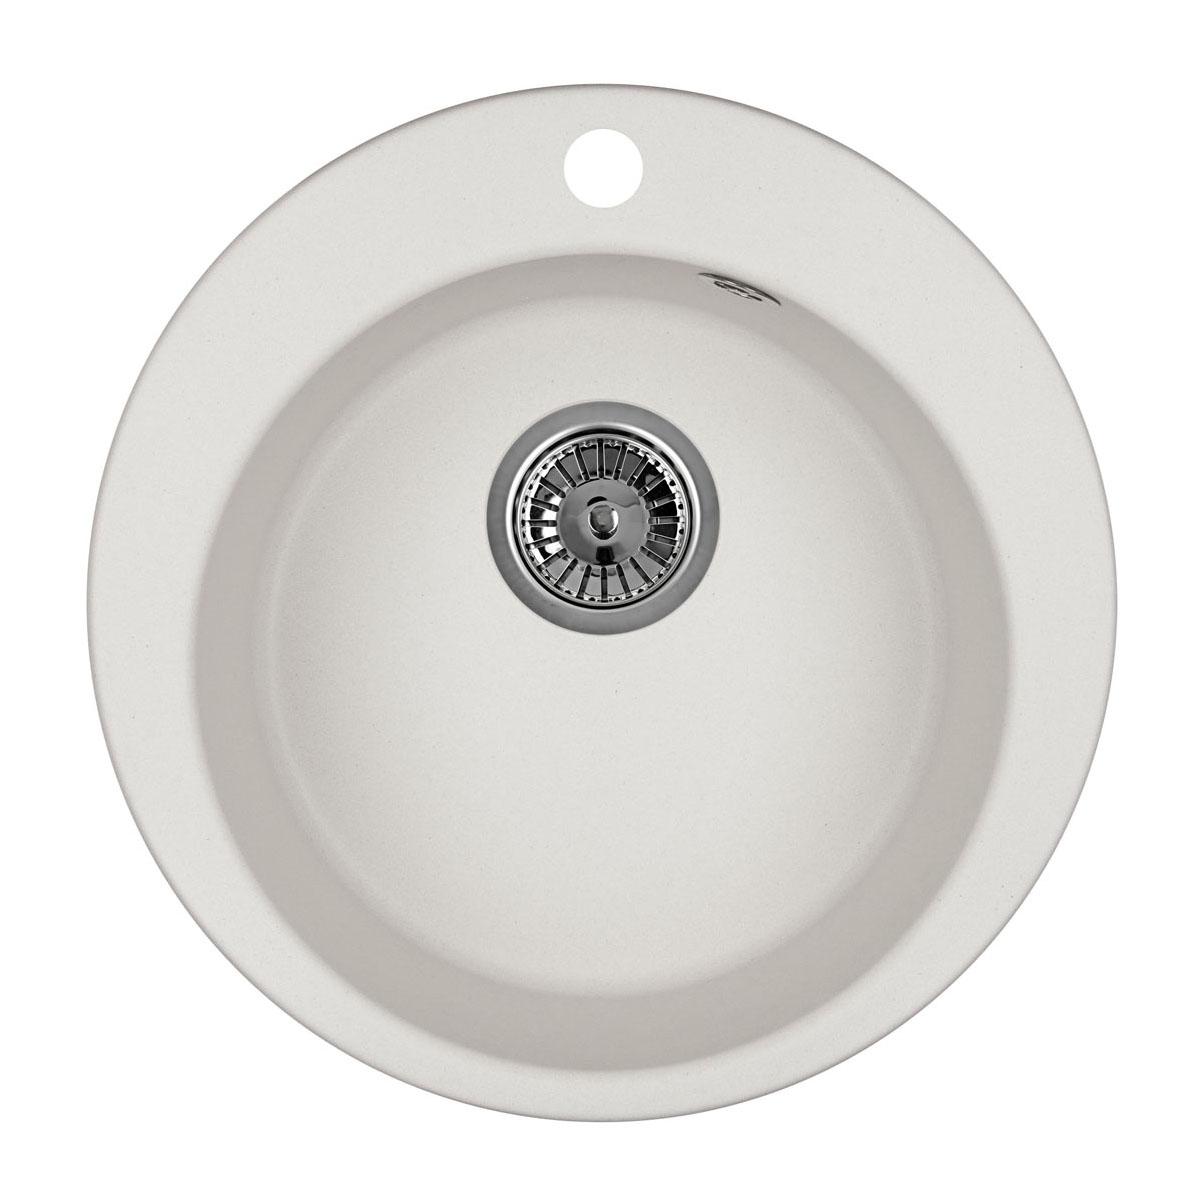 Кухонная мойка Granula GR-4801 415х490 арктик кухонная мойка teka centroval mic